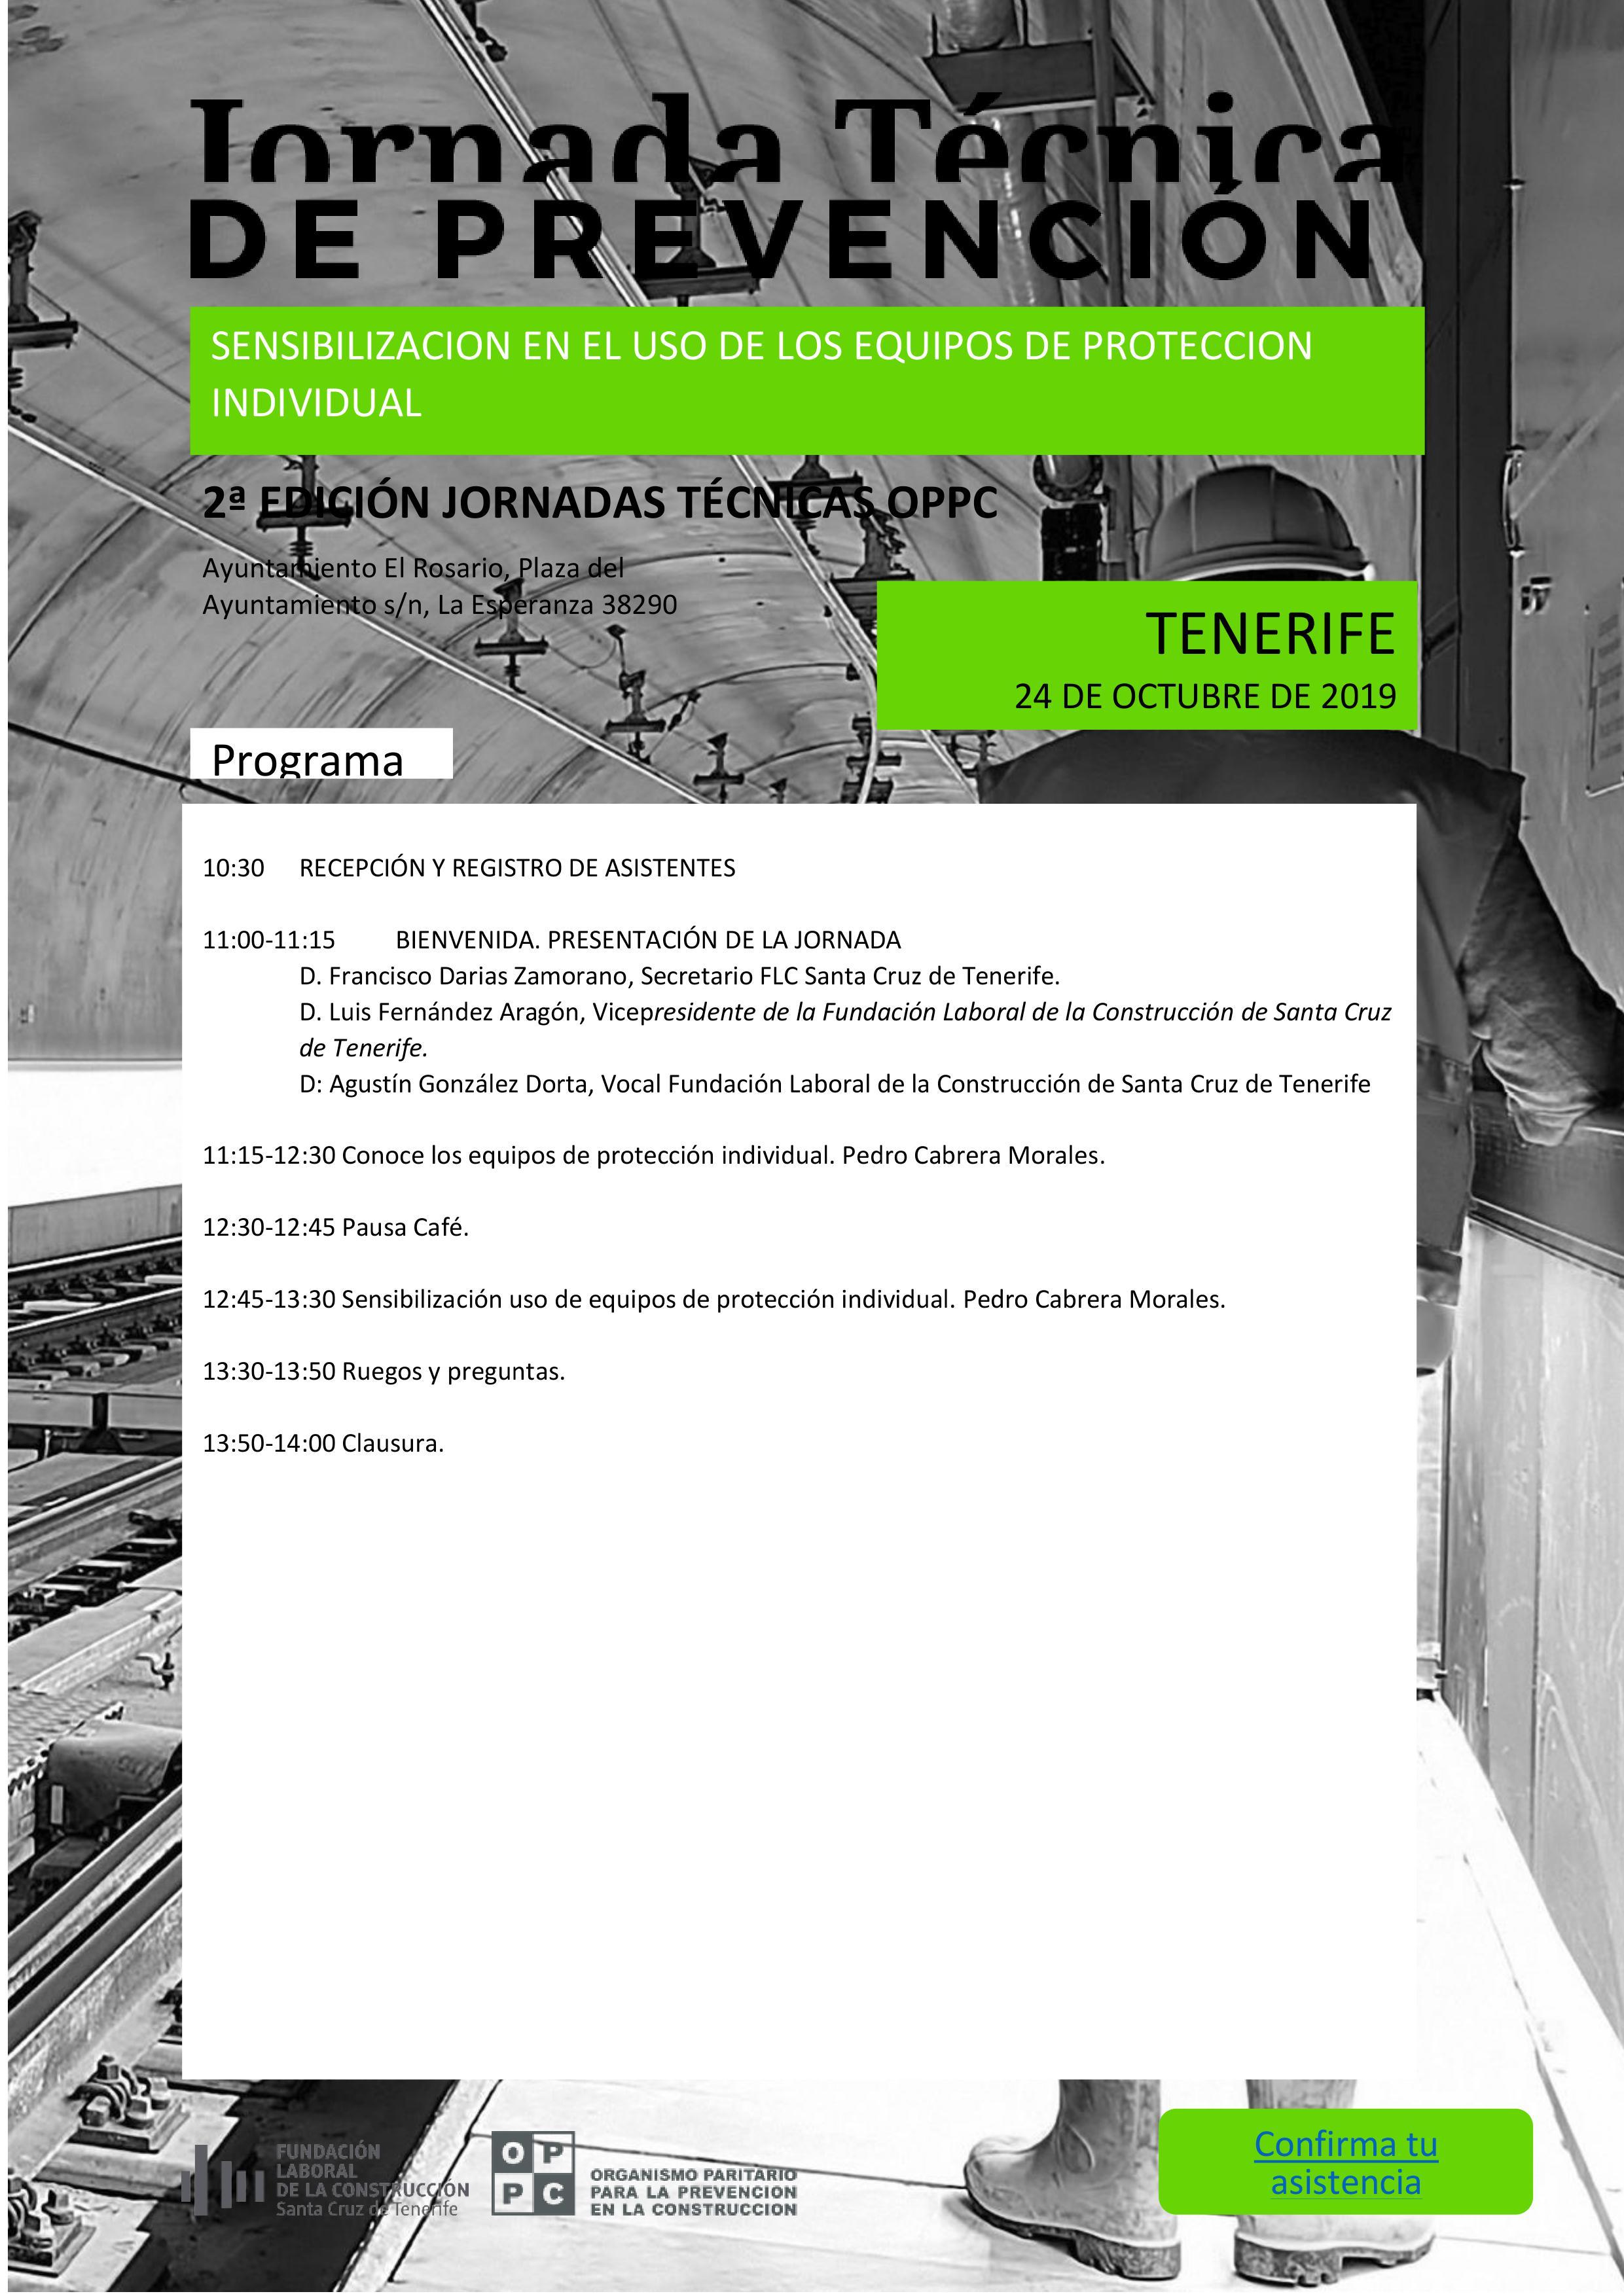 PLANTILLA_programa_jornadas_oppc_2019 (1)